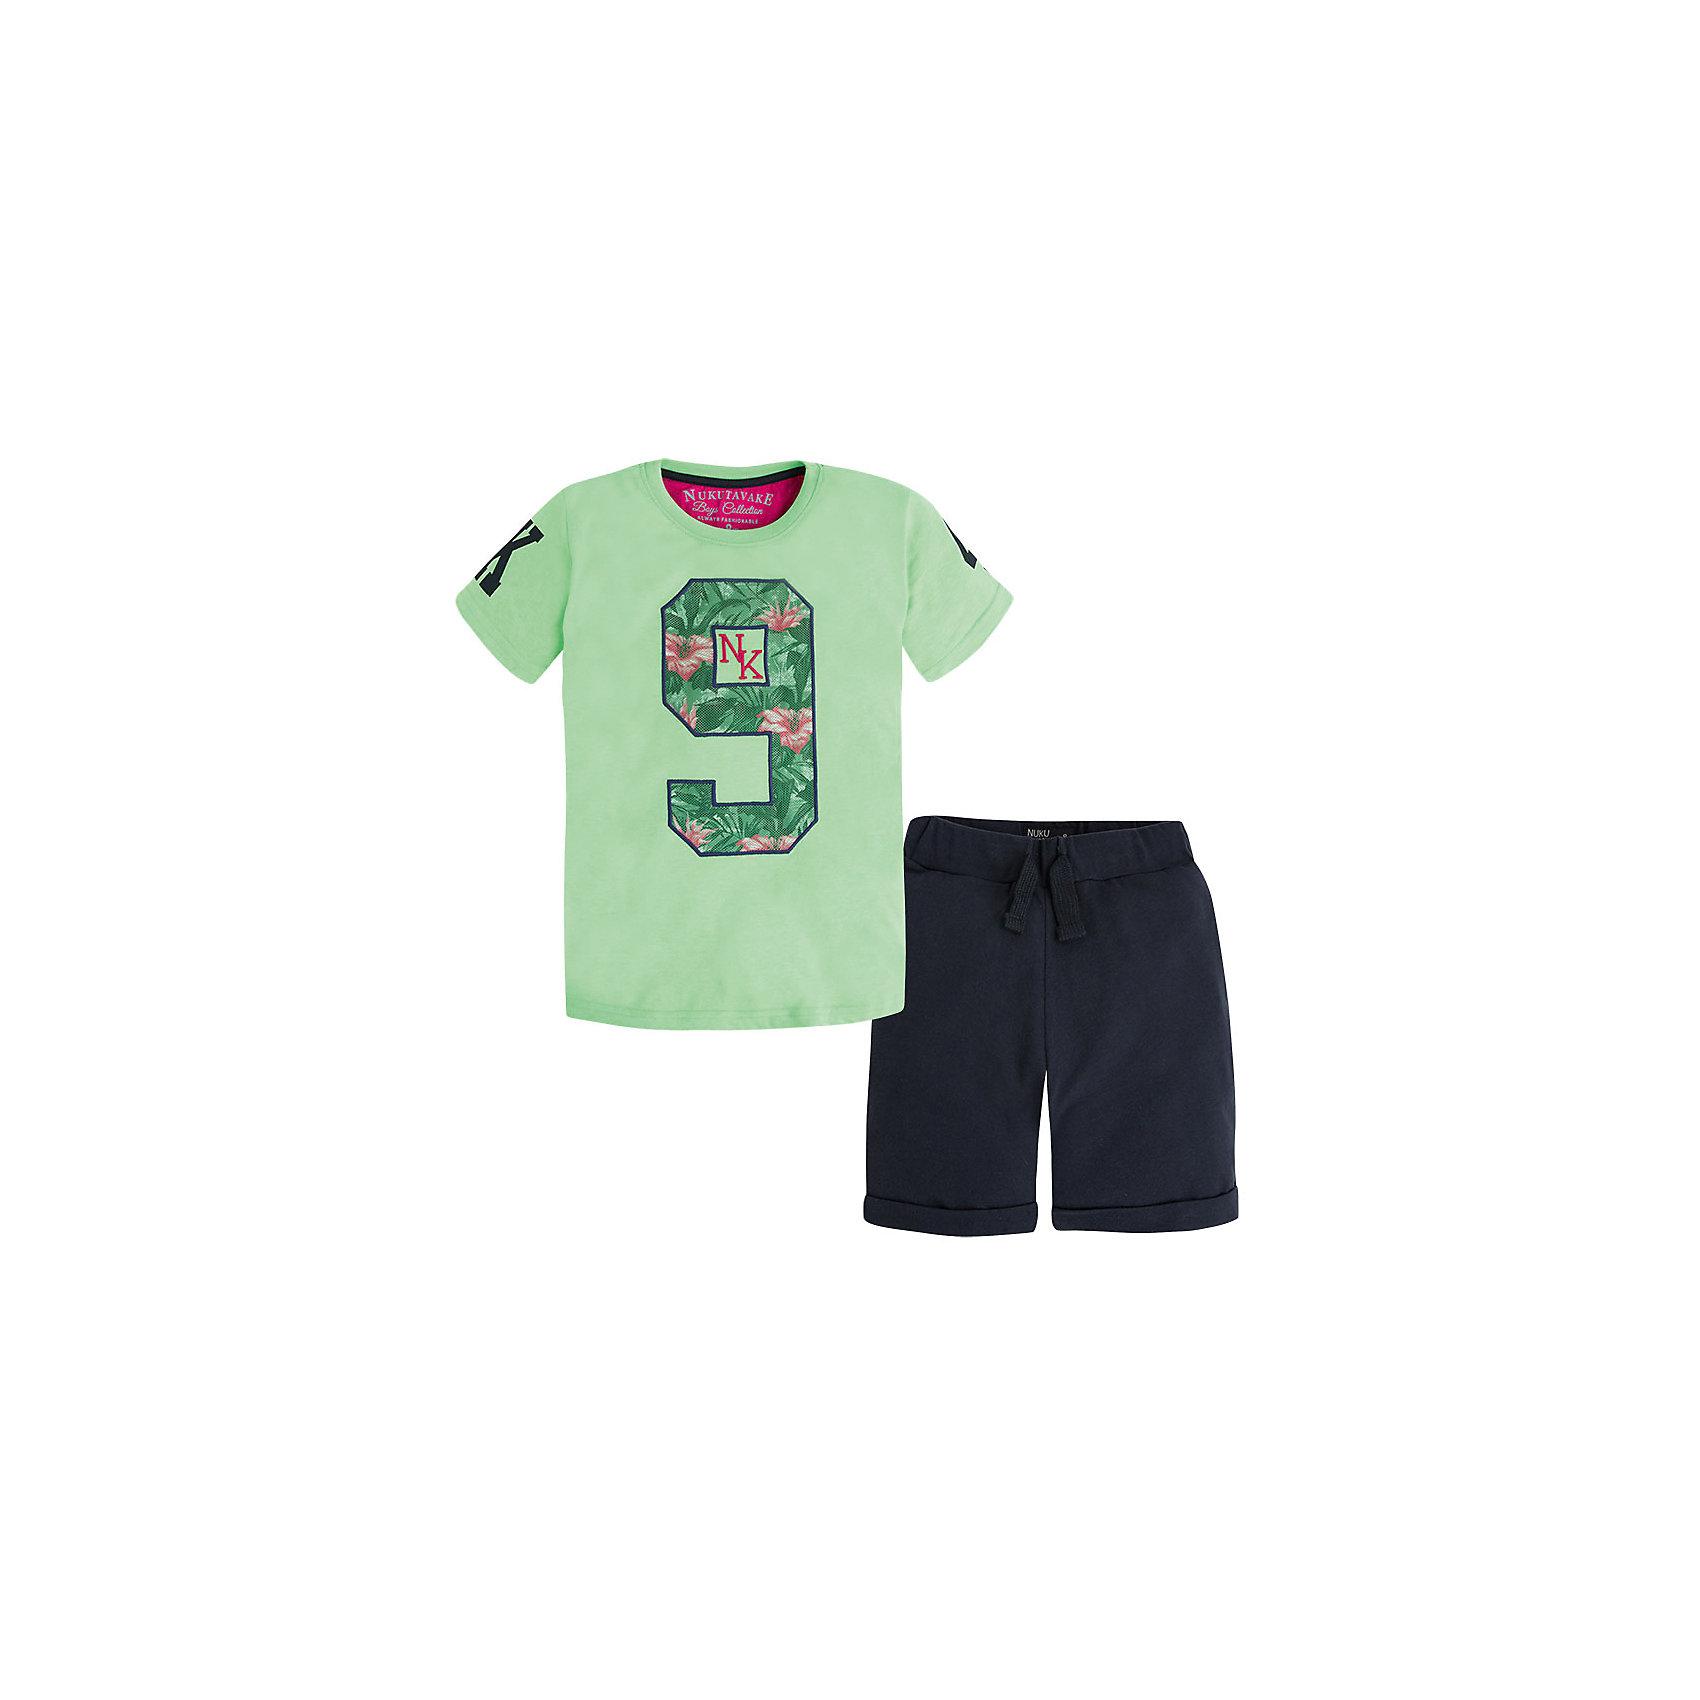 Комплект для мальчика: футболка и шорты MayoralСпортивная форма<br>Комплект для мальчика от известной испанской марки Mayoral - прекрасный вариант для жаркой погоды.<br><br>Дополнительная информация:<br><br>- Футболка, шорты.<br>- Мягкая трикотажная ткань<br>- Округлый вырез горловины.<br>- Горловина и пройма в рубчик.<br>- Футболка декорирована аппликацией и вышивкой.<br>- Шорты прямого кроя, с отворотами.<br>- На эластичном поясе с кулиской.<br>- Карман сзади. <br>- Состав: 100 % хлопок.<br><br>Комплект для мальчика Mayoral (Майорал) можно купить в нашем магазине.<br><br>Ширина мм: 199<br>Глубина мм: 10<br>Высота мм: 161<br>Вес г: 151<br>Цвет: разноцветный<br>Возраст от месяцев: 84<br>Возраст до месяцев: 96<br>Пол: Мужской<br>Возраст: Детский<br>Размер: 128,140,164,158,152<br>SKU: 4538698